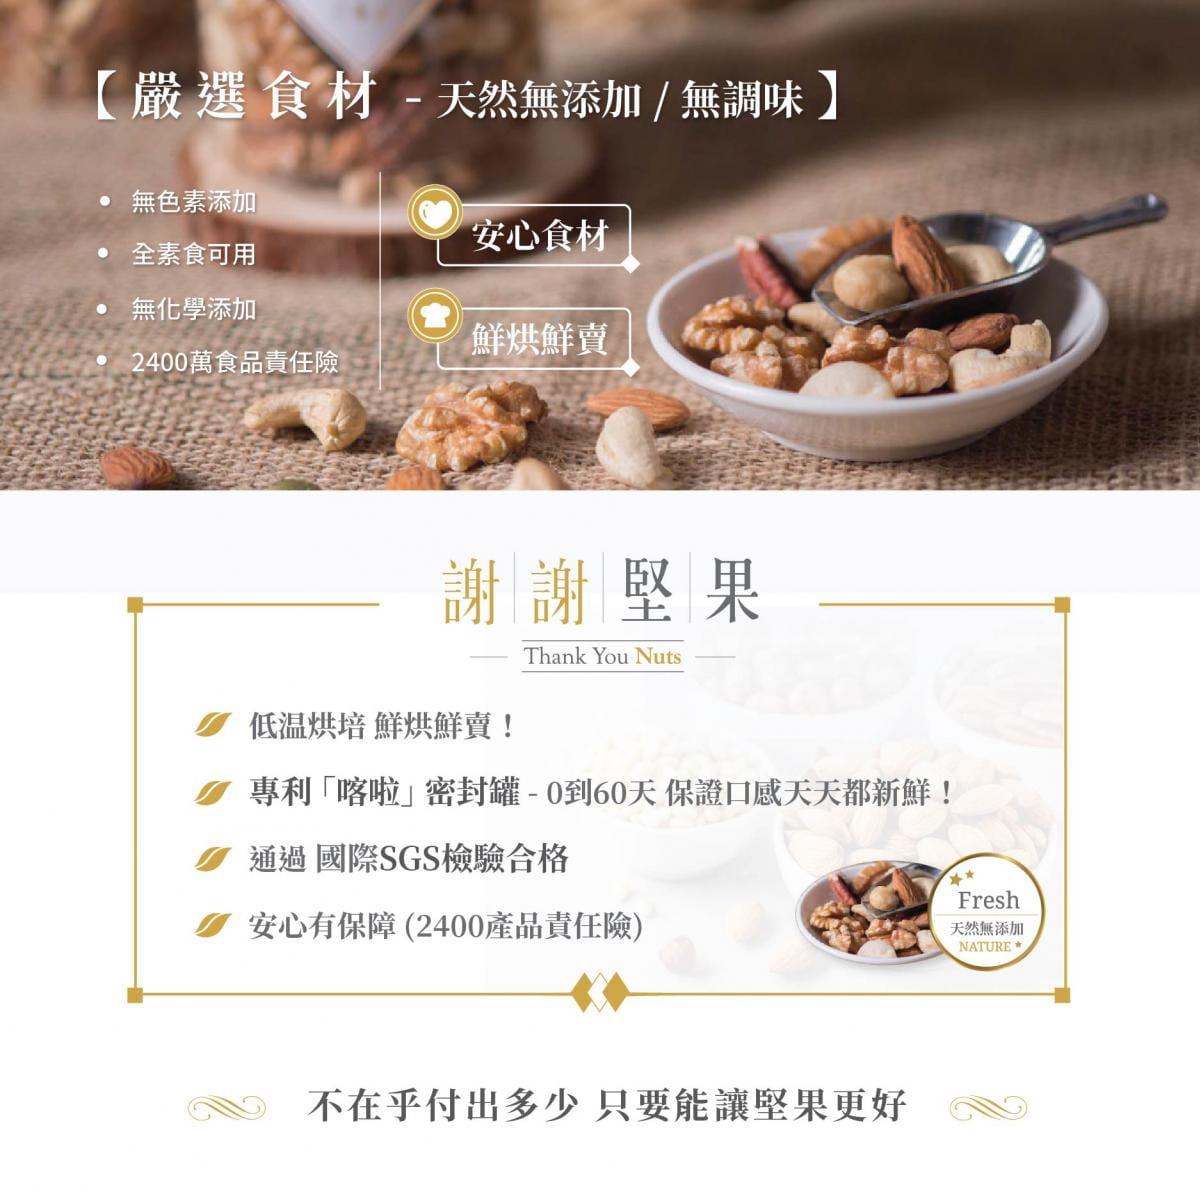 【謝謝堅果】 原味綜合五堅果/核桃/腰果/杏仁(多口味任選) 5